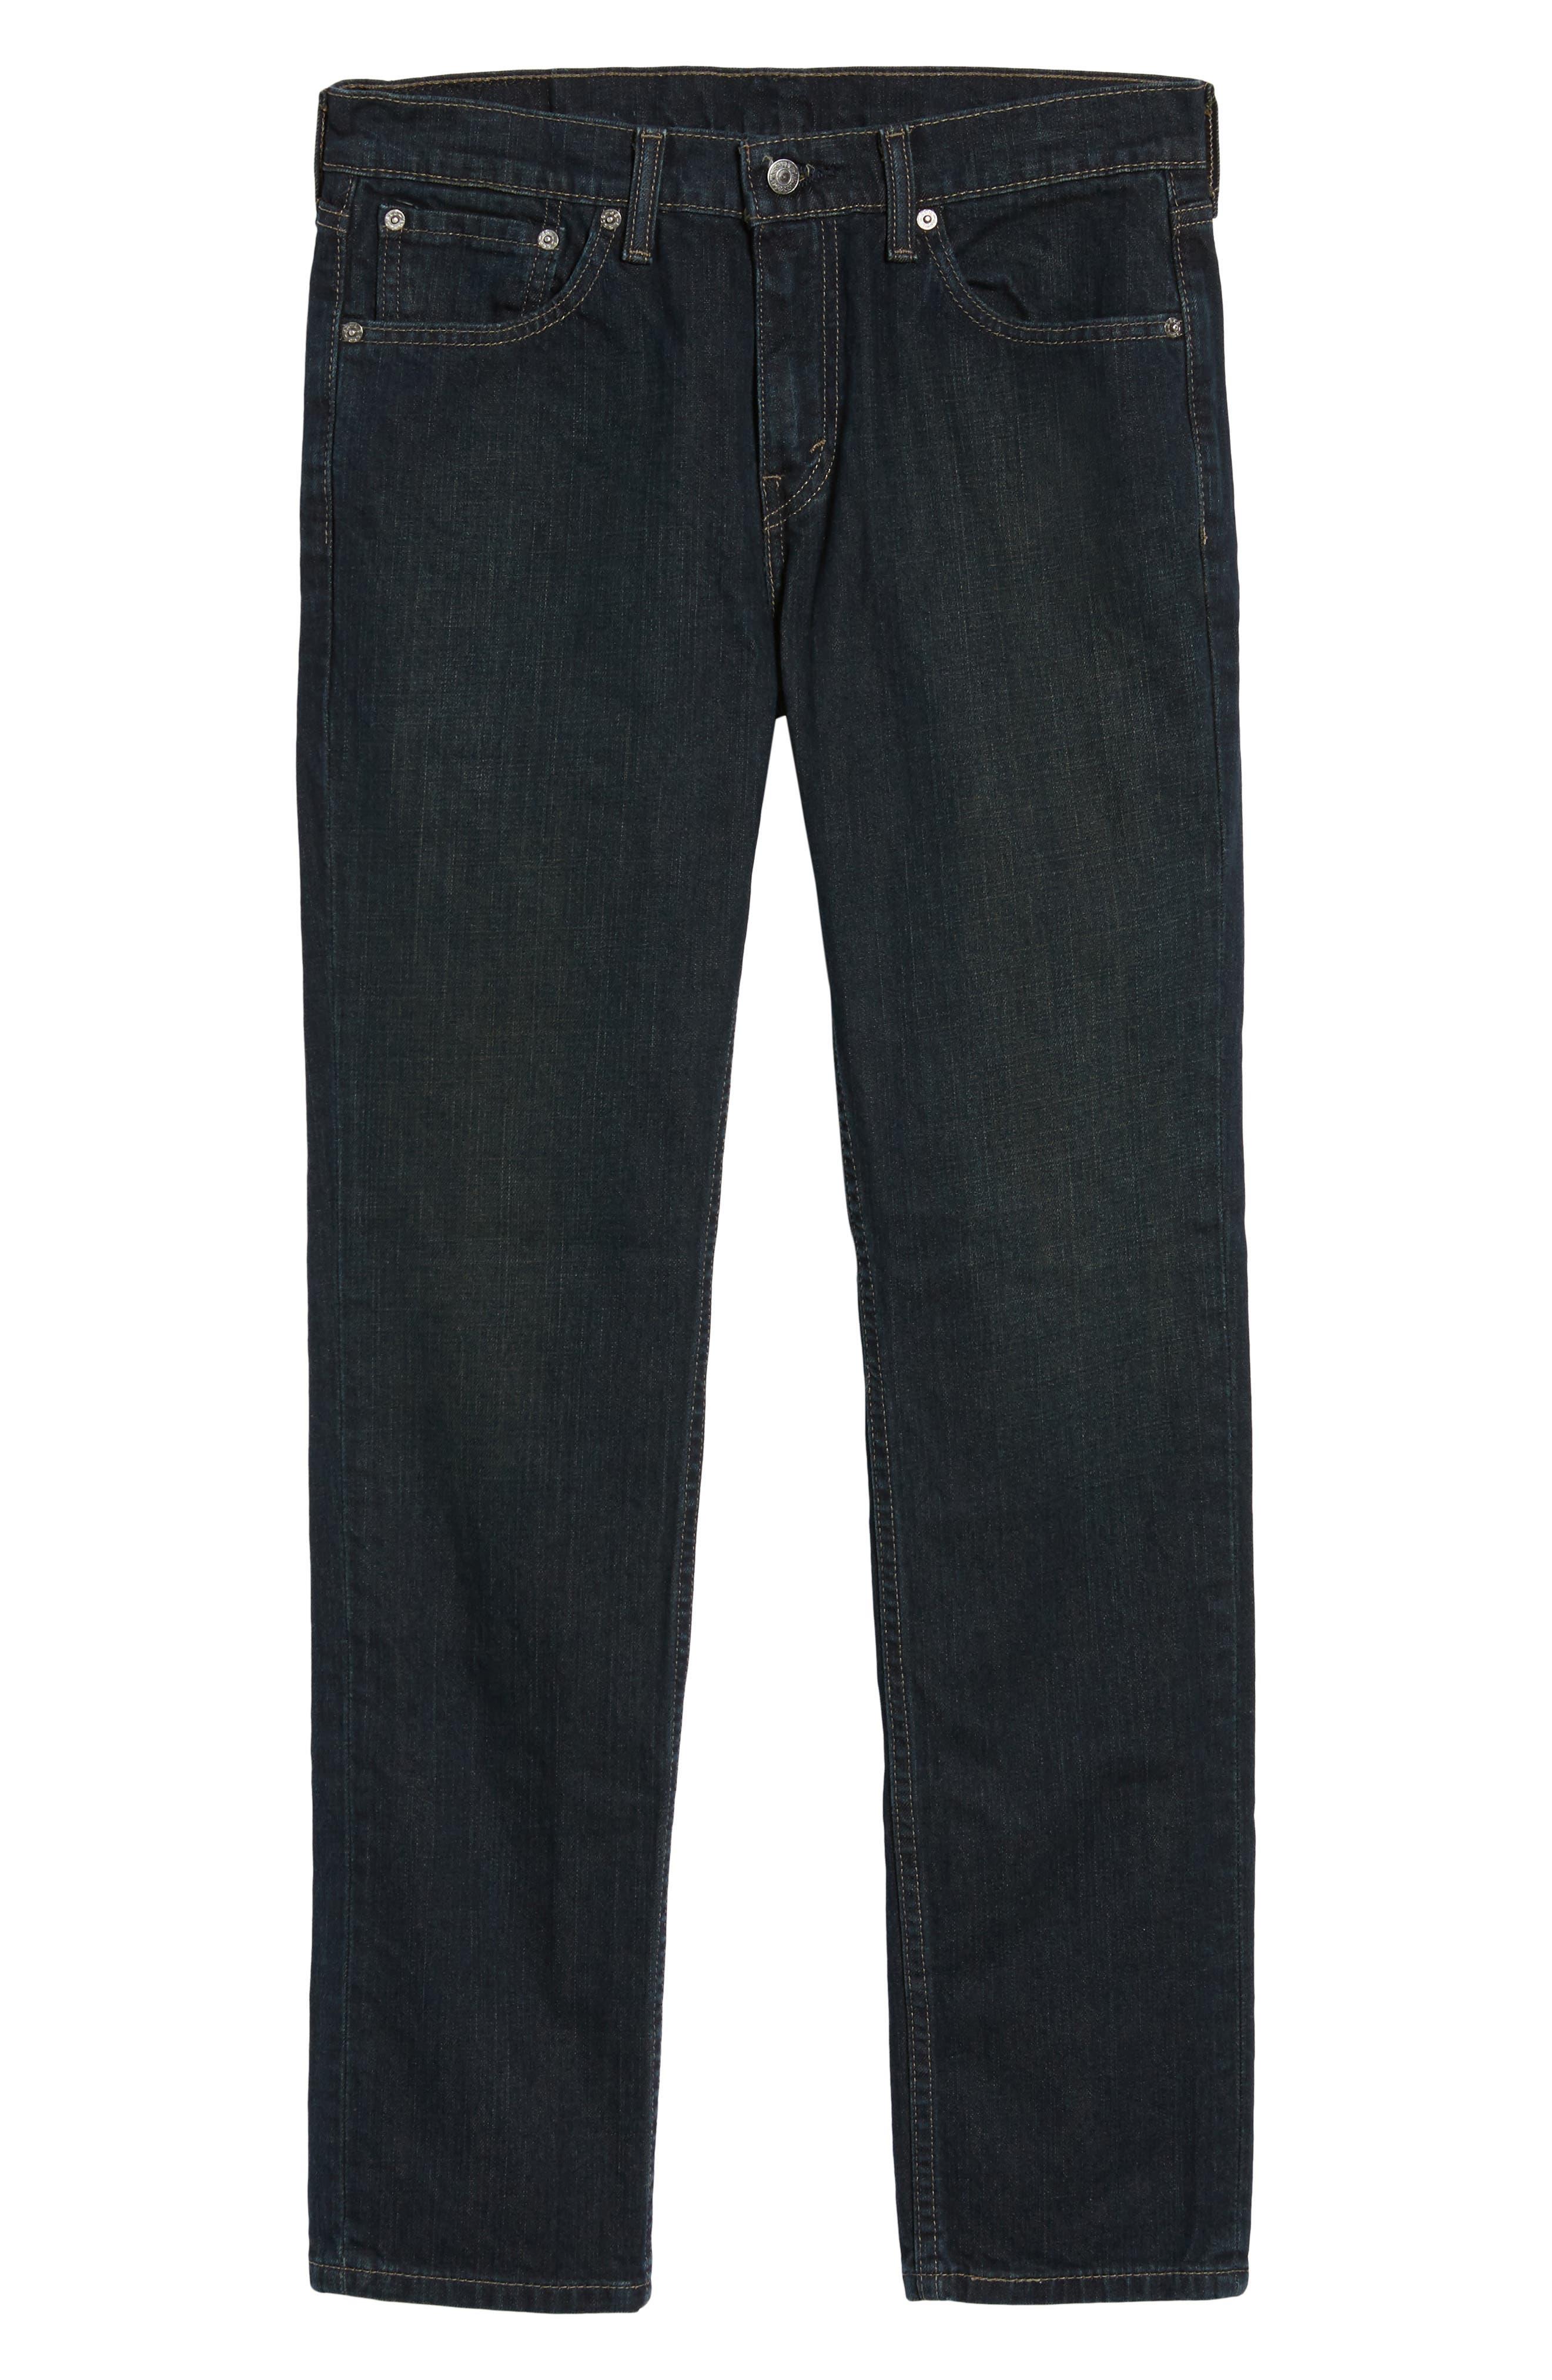 Levi's 511 Slim Fit Jeans,                             Alternate thumbnail 6, color,                             402